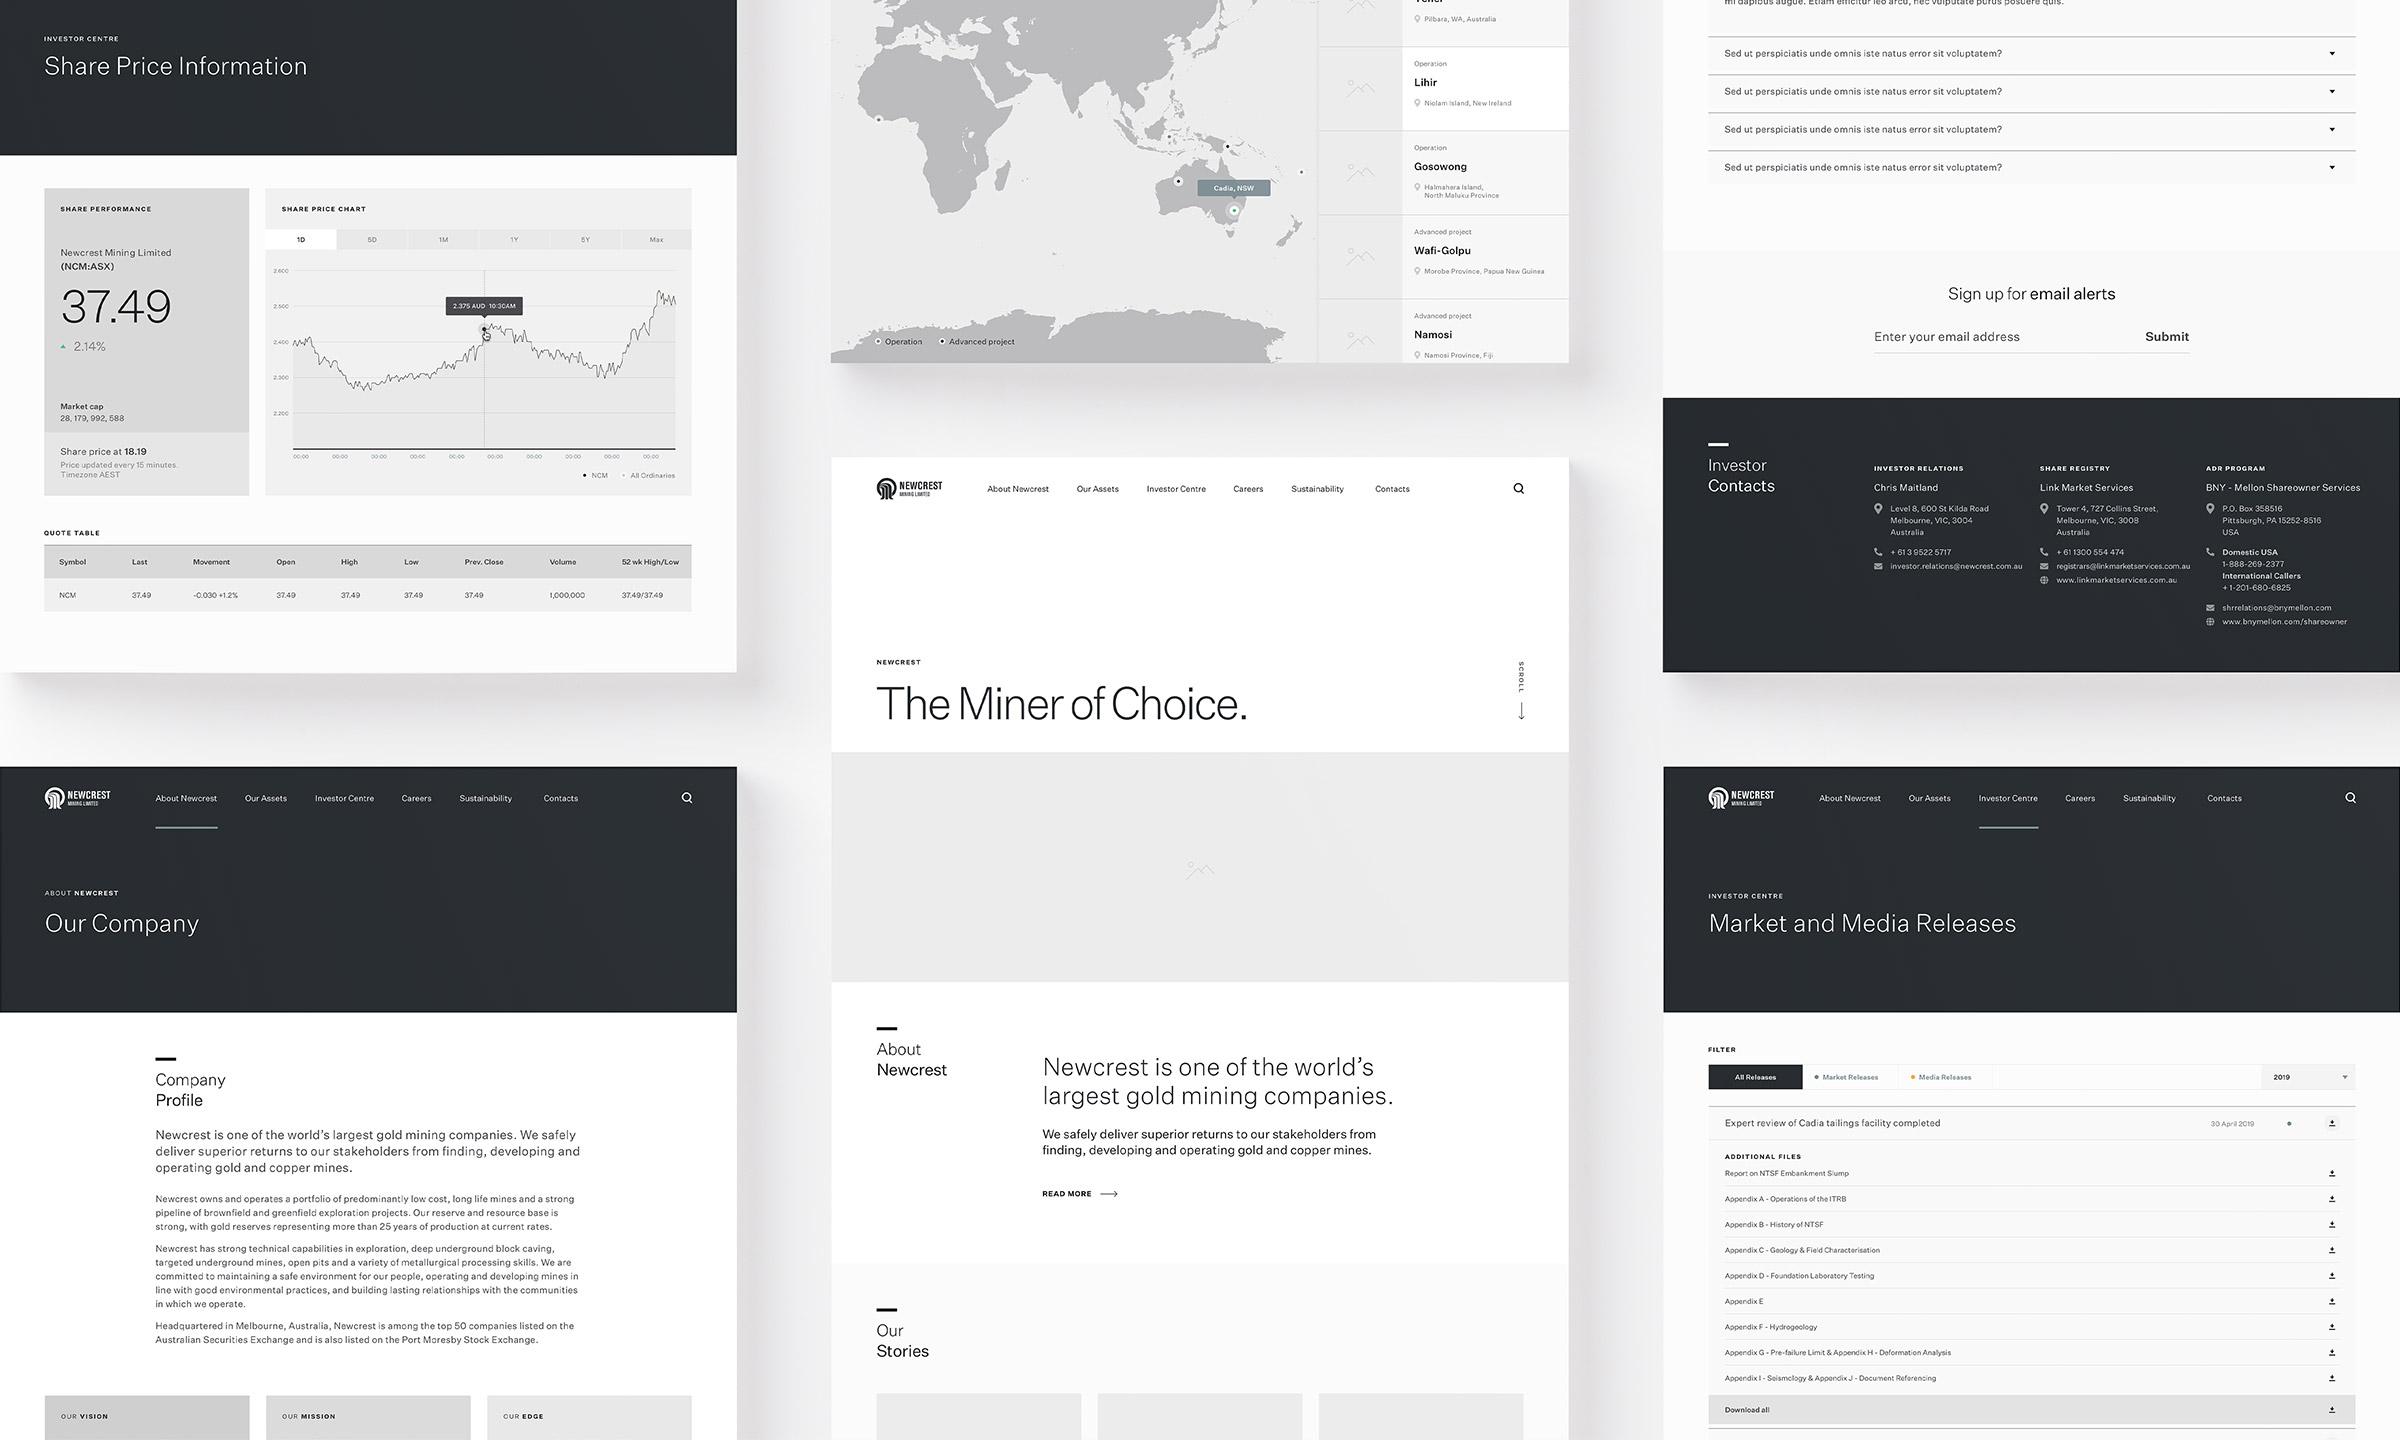 Newcrest Mining. Website wireframe design overview.